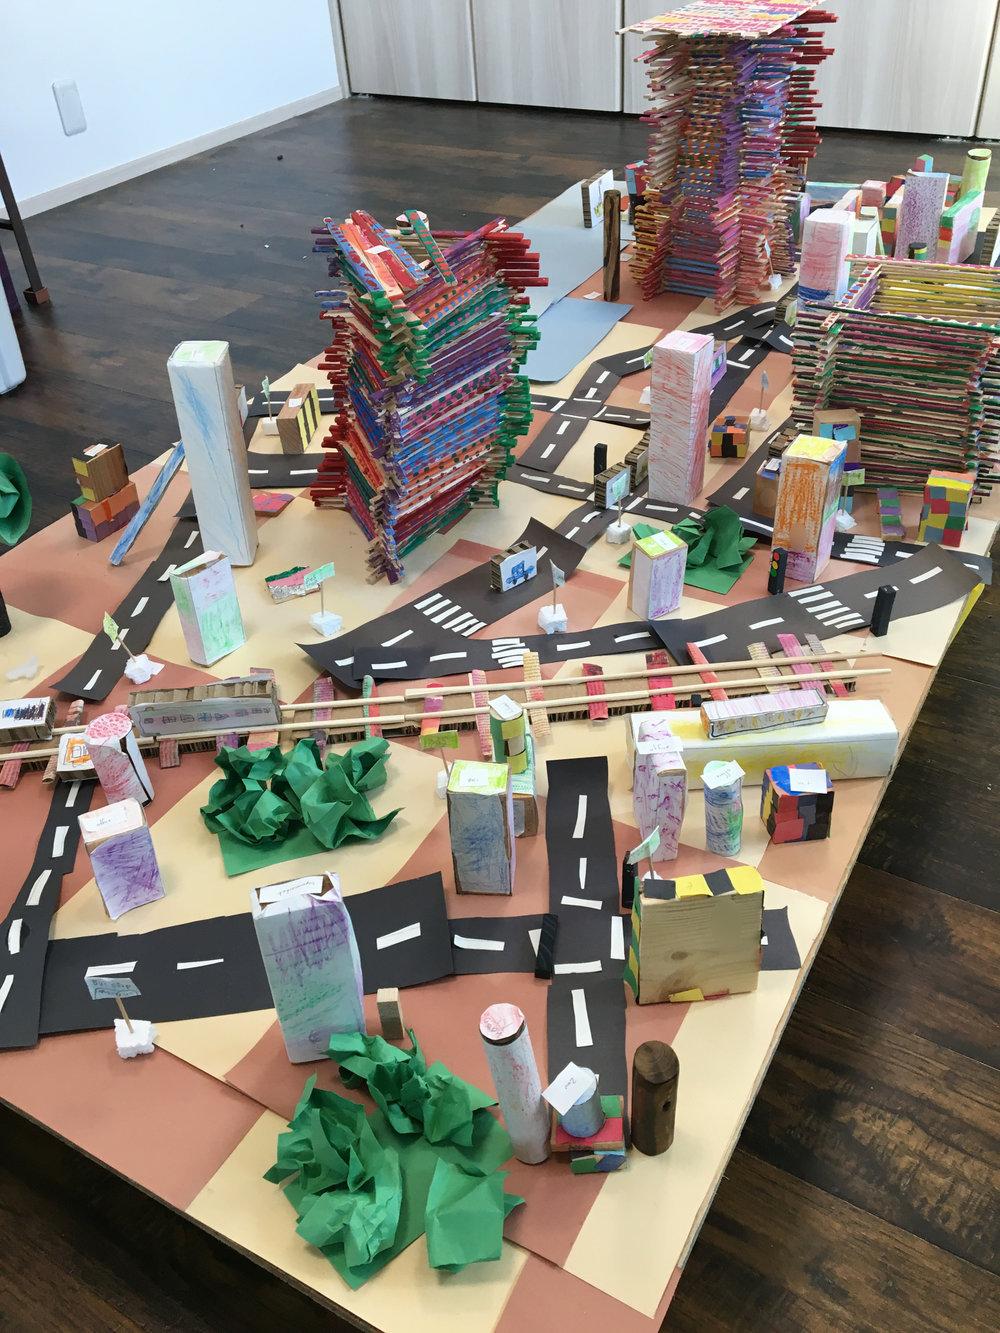 子ども達は大きな建物や樹木などを加えました。